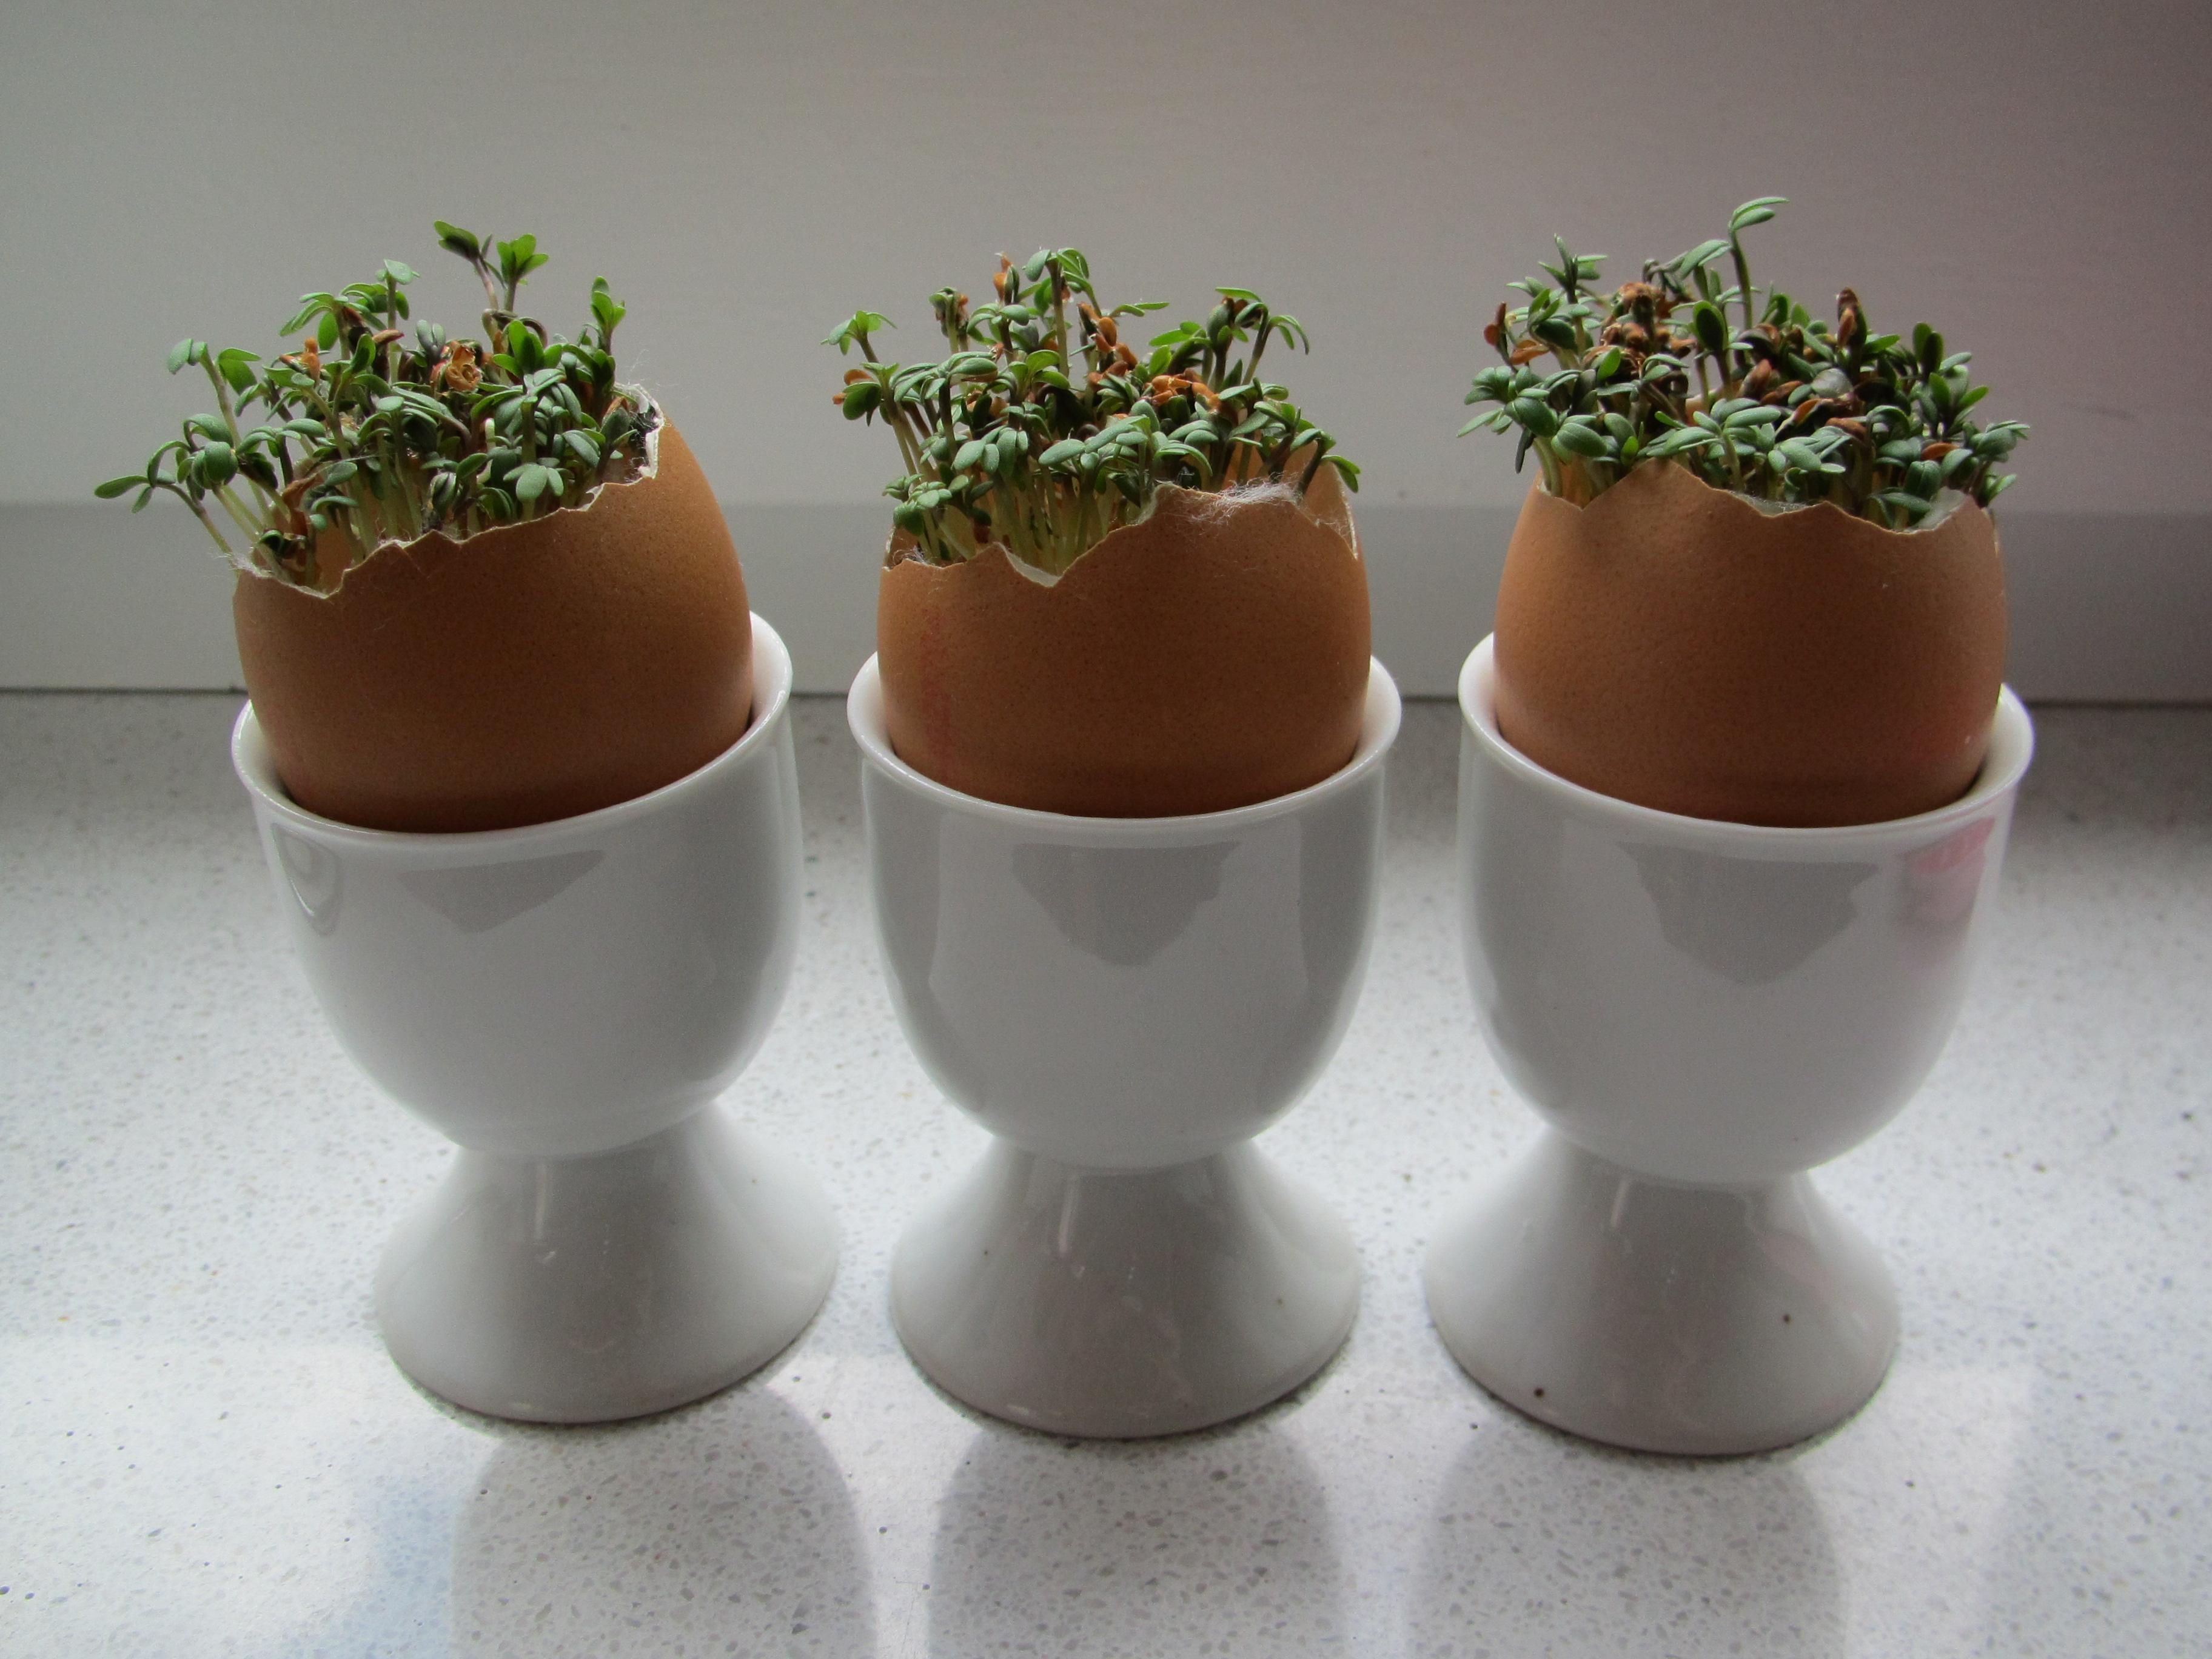 Planting cress in egg shells for Easter / tuinkers in eierschalen voor ...: vanbritt.nl/index.php/2014/04/pasen-2014